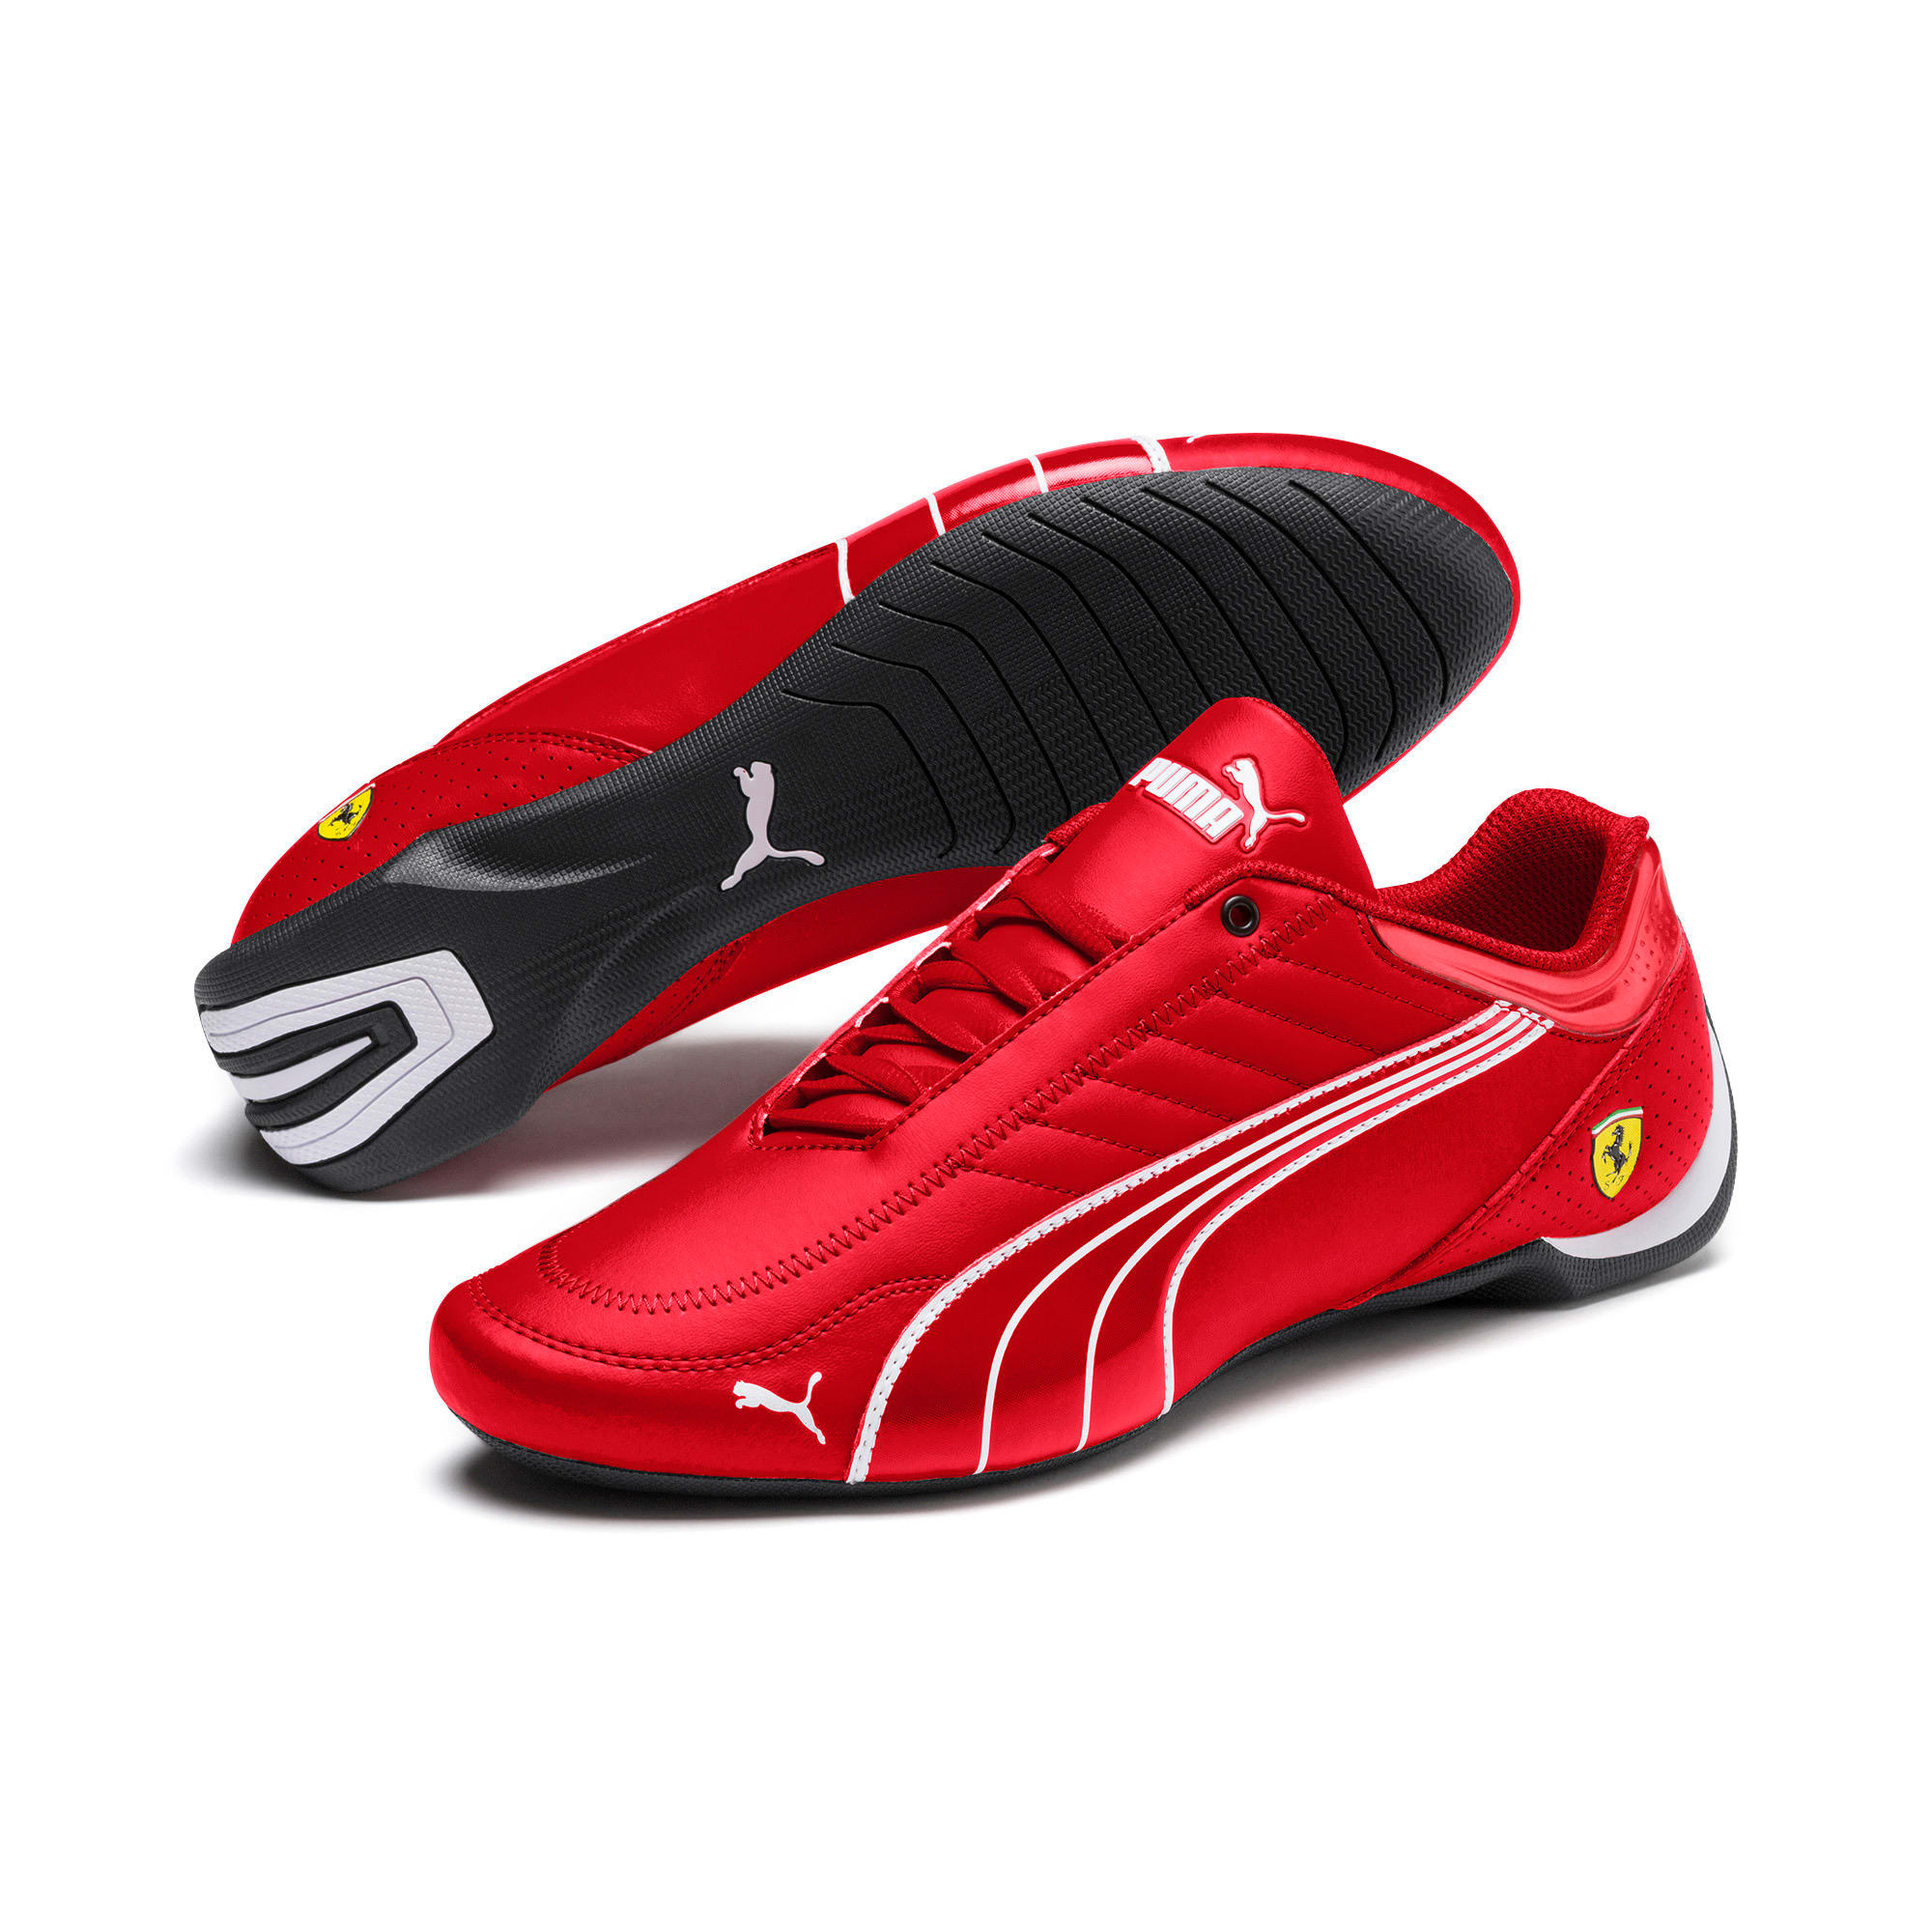 premium selection 399f9 77d7a Scarpe da ginnastica Ferrari Future Kart Cat